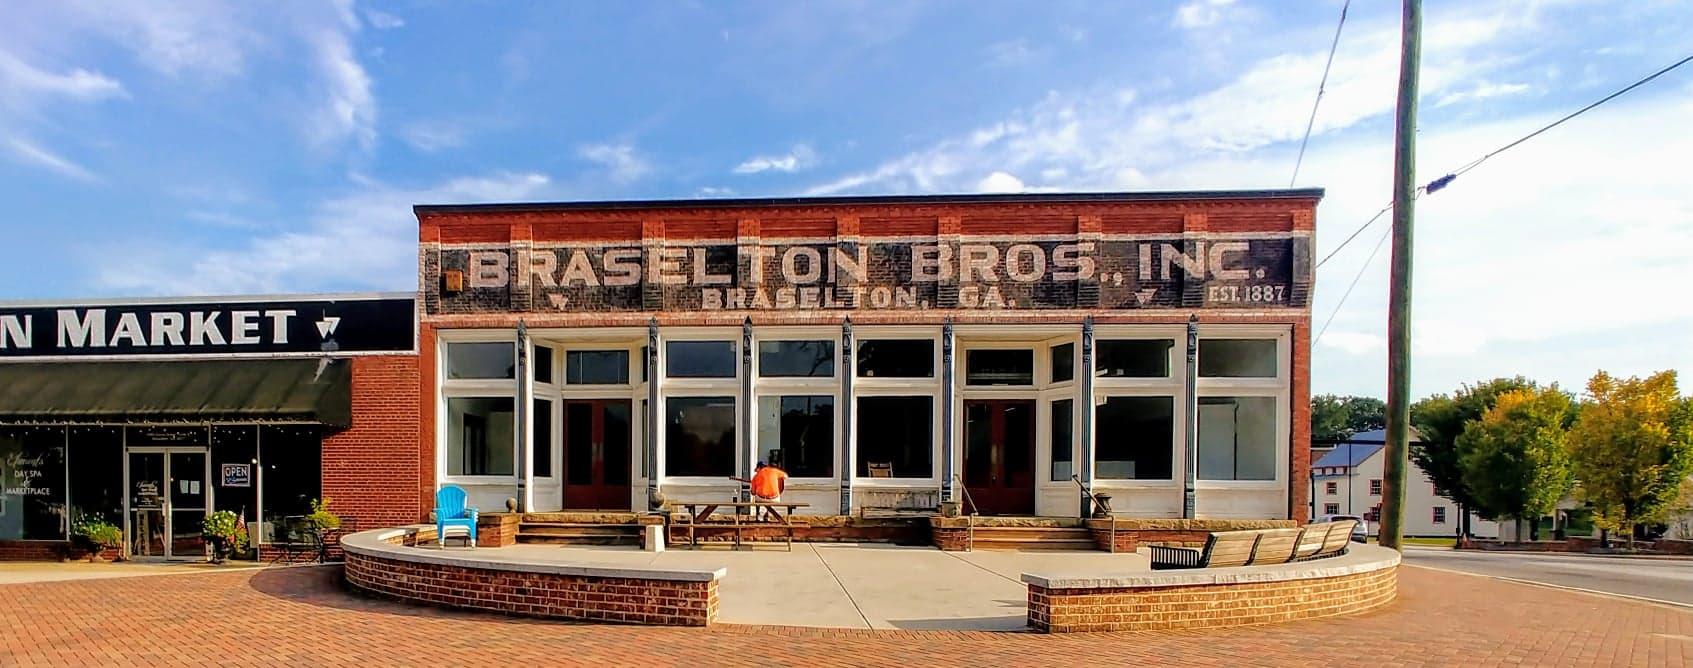 Downtown-Braselton-2020-09-23